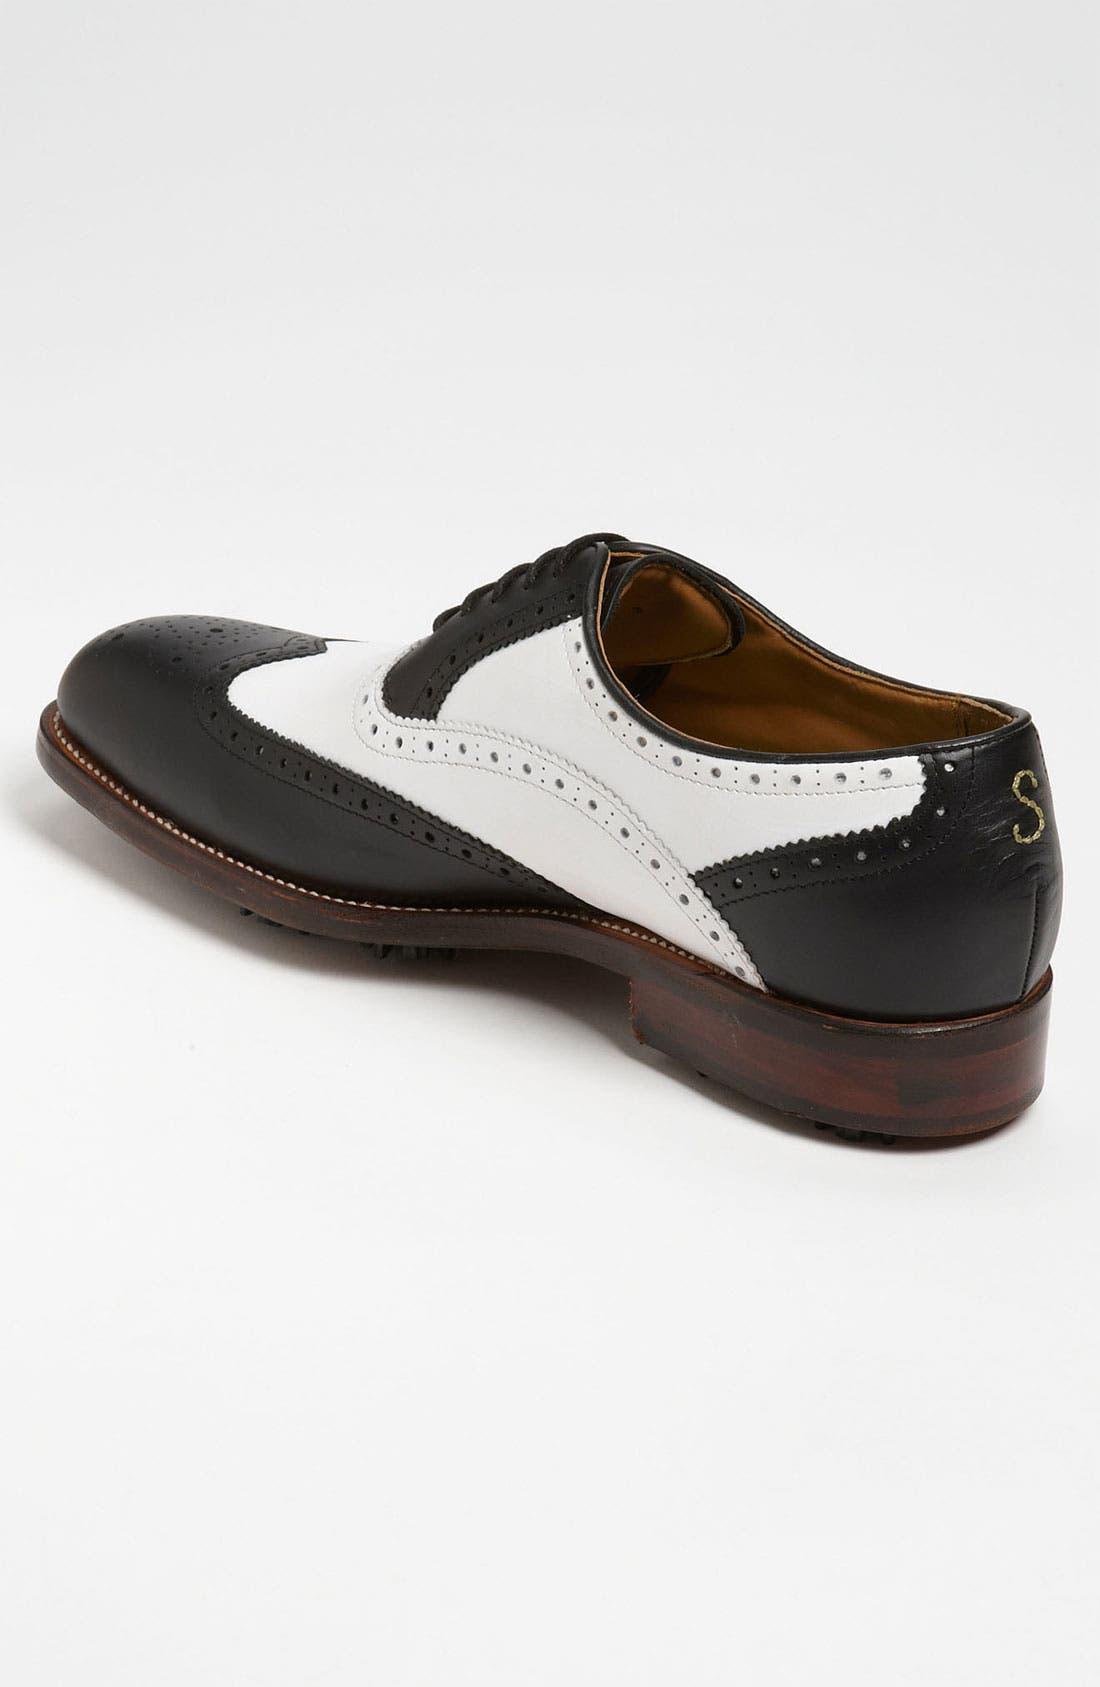 Alternate Image 2  - Oliver Sweeney 'Royale' Wingtip Golf Shoe (Men)